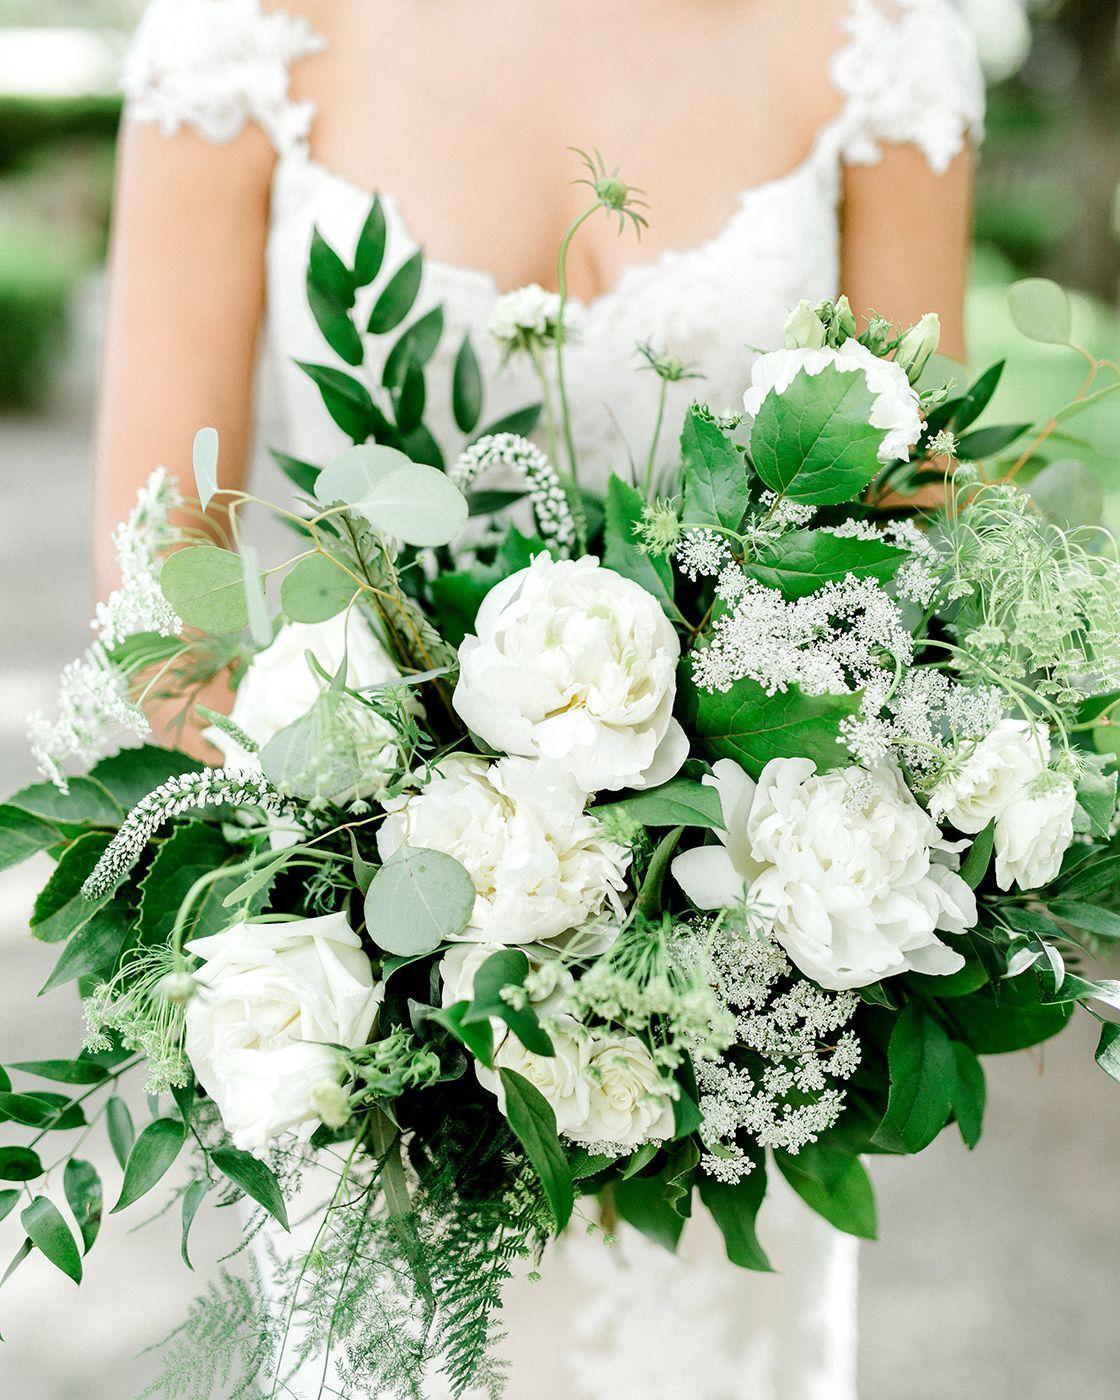 Luxuriante De Blanc Et De Vert Bouquets! Fait Par Mon